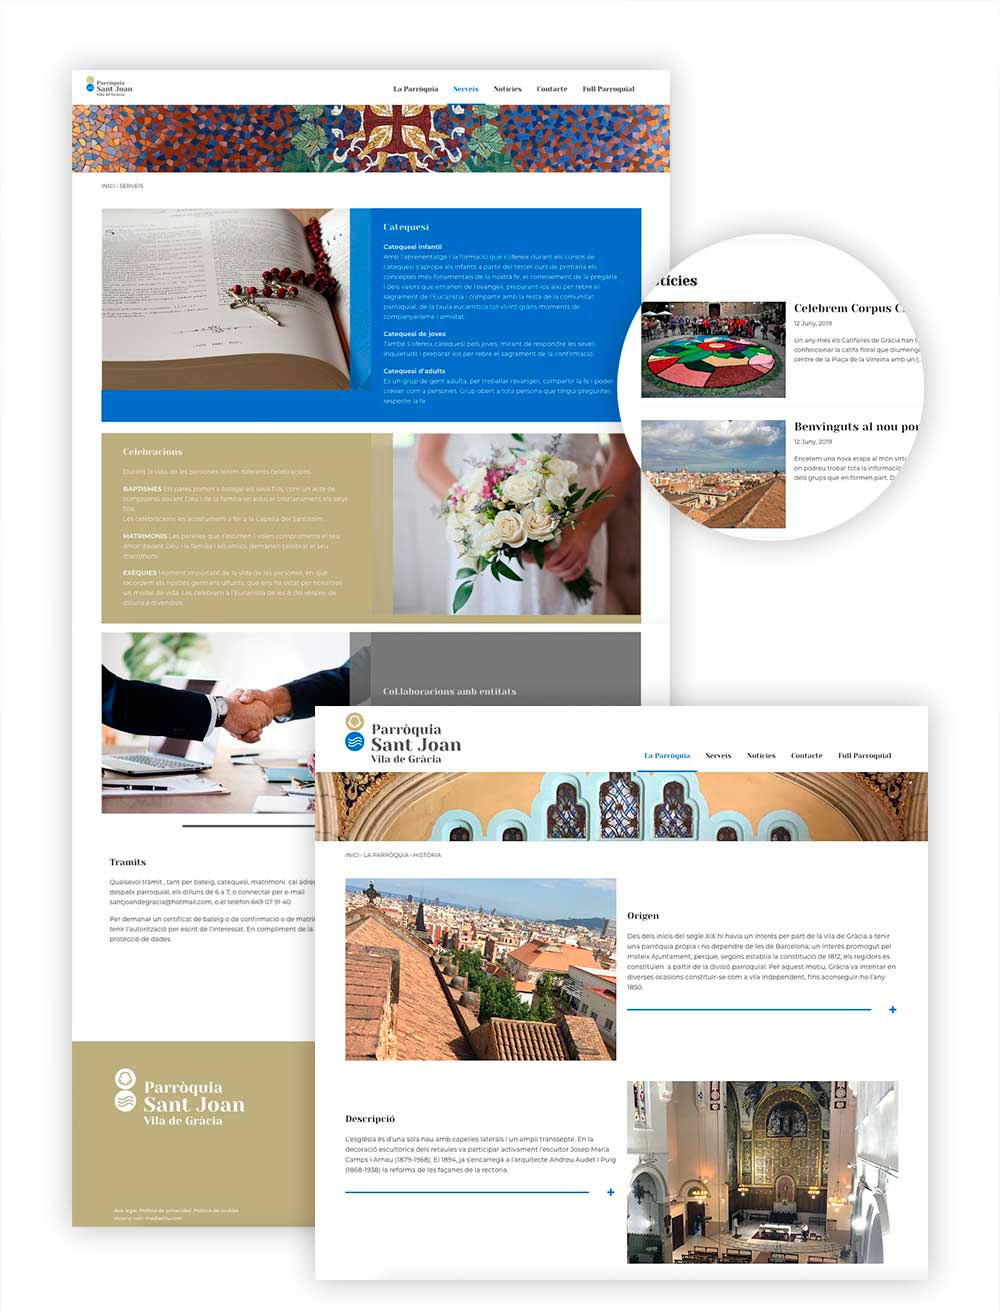 creacion web para esglesia barcelona 1 - ¿Quieres crear una web y no sabes cómo empezar? Te damos algunos consejos